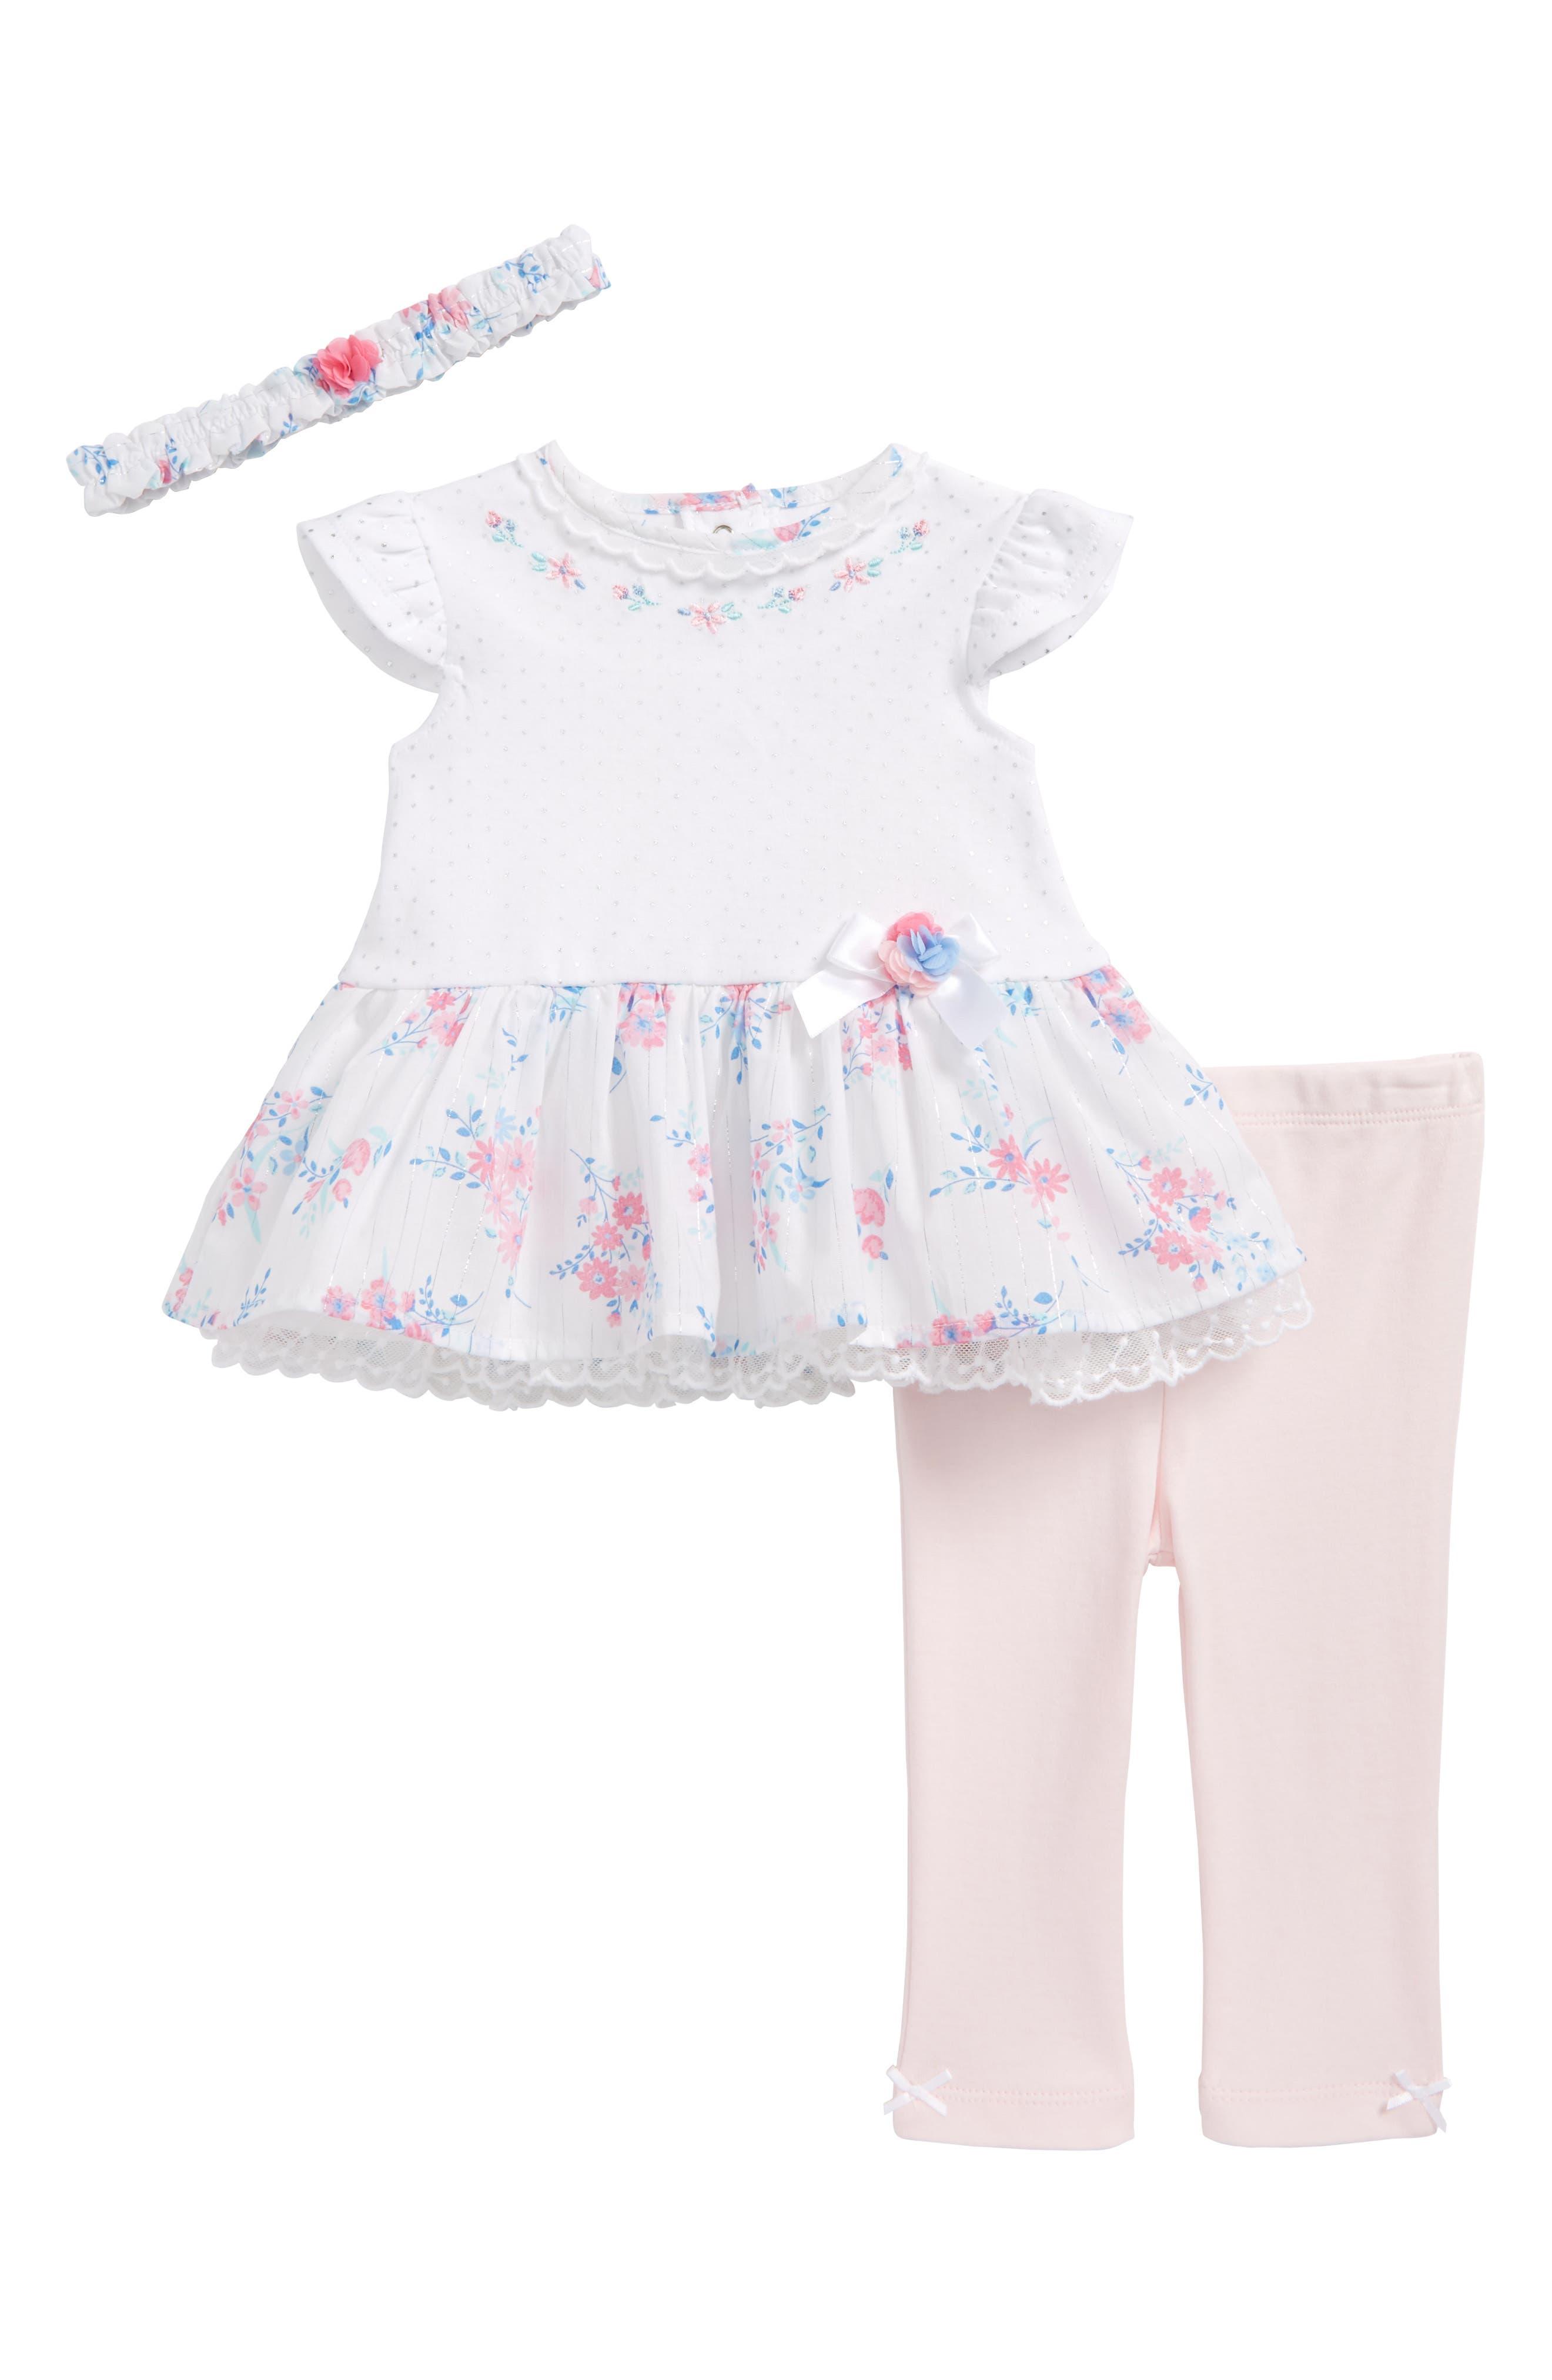 Main Image - Little Me Garden Swing Dress, Leggings & Headband Set (Baby Girls)